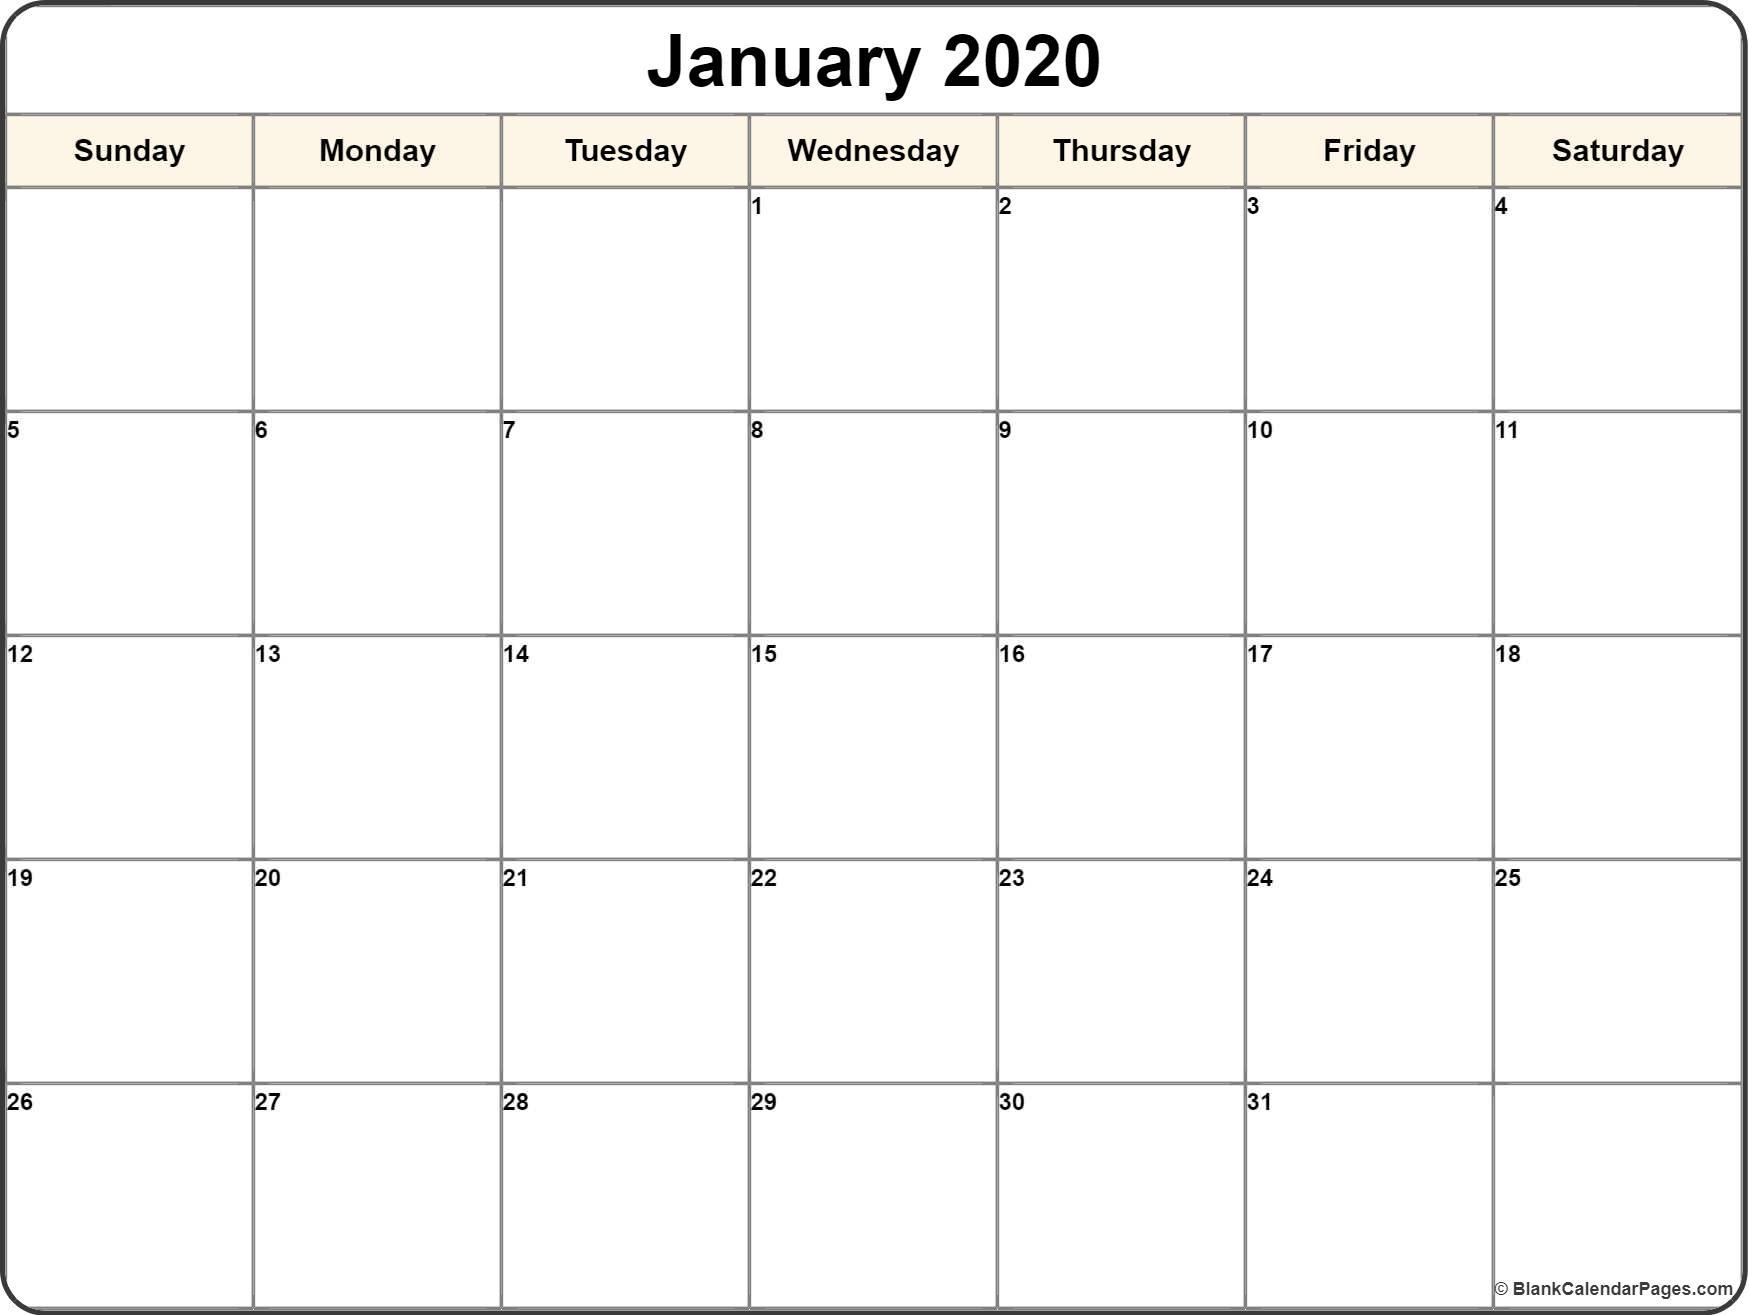 January 2020 Calendar | Free Printable Monthly Calendars inside Imom 2020 Calendar